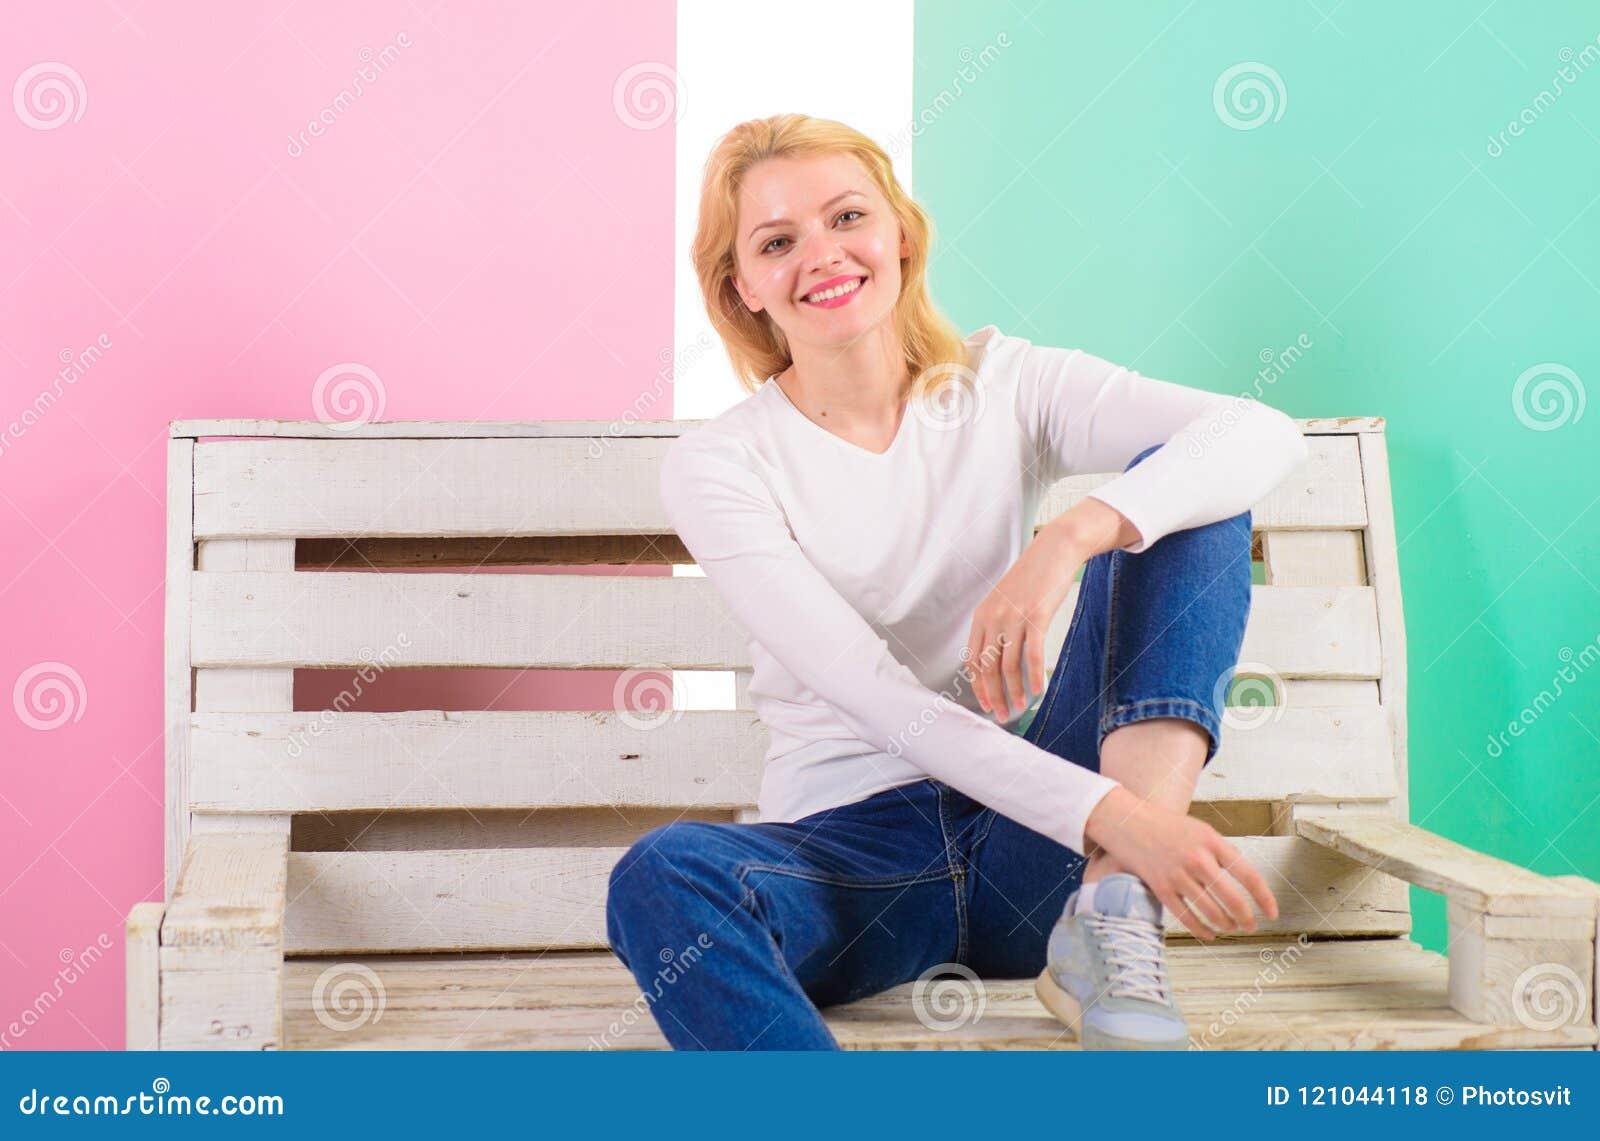 Jest po prostu wspaniała Piękny młoda kobieta uśmiech podczas gdy siedzący na ławce przeciw różowemu tłu Dziewczyna woli